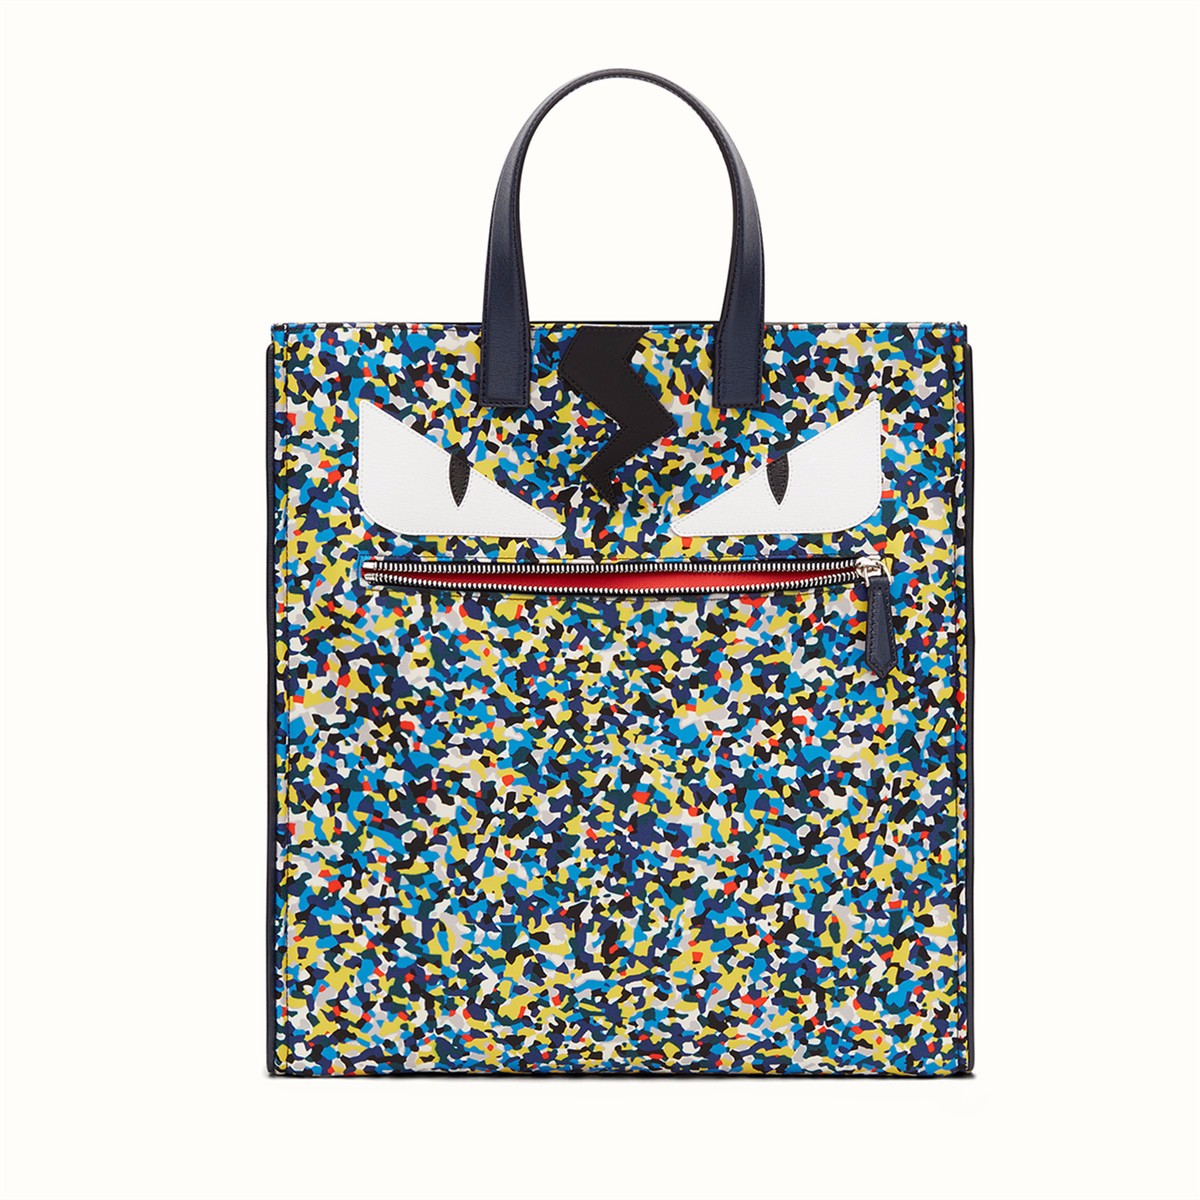 包 包包 包装 包装设计 购物纸袋 挎包手袋 女包 手提包 纸袋 1200_12